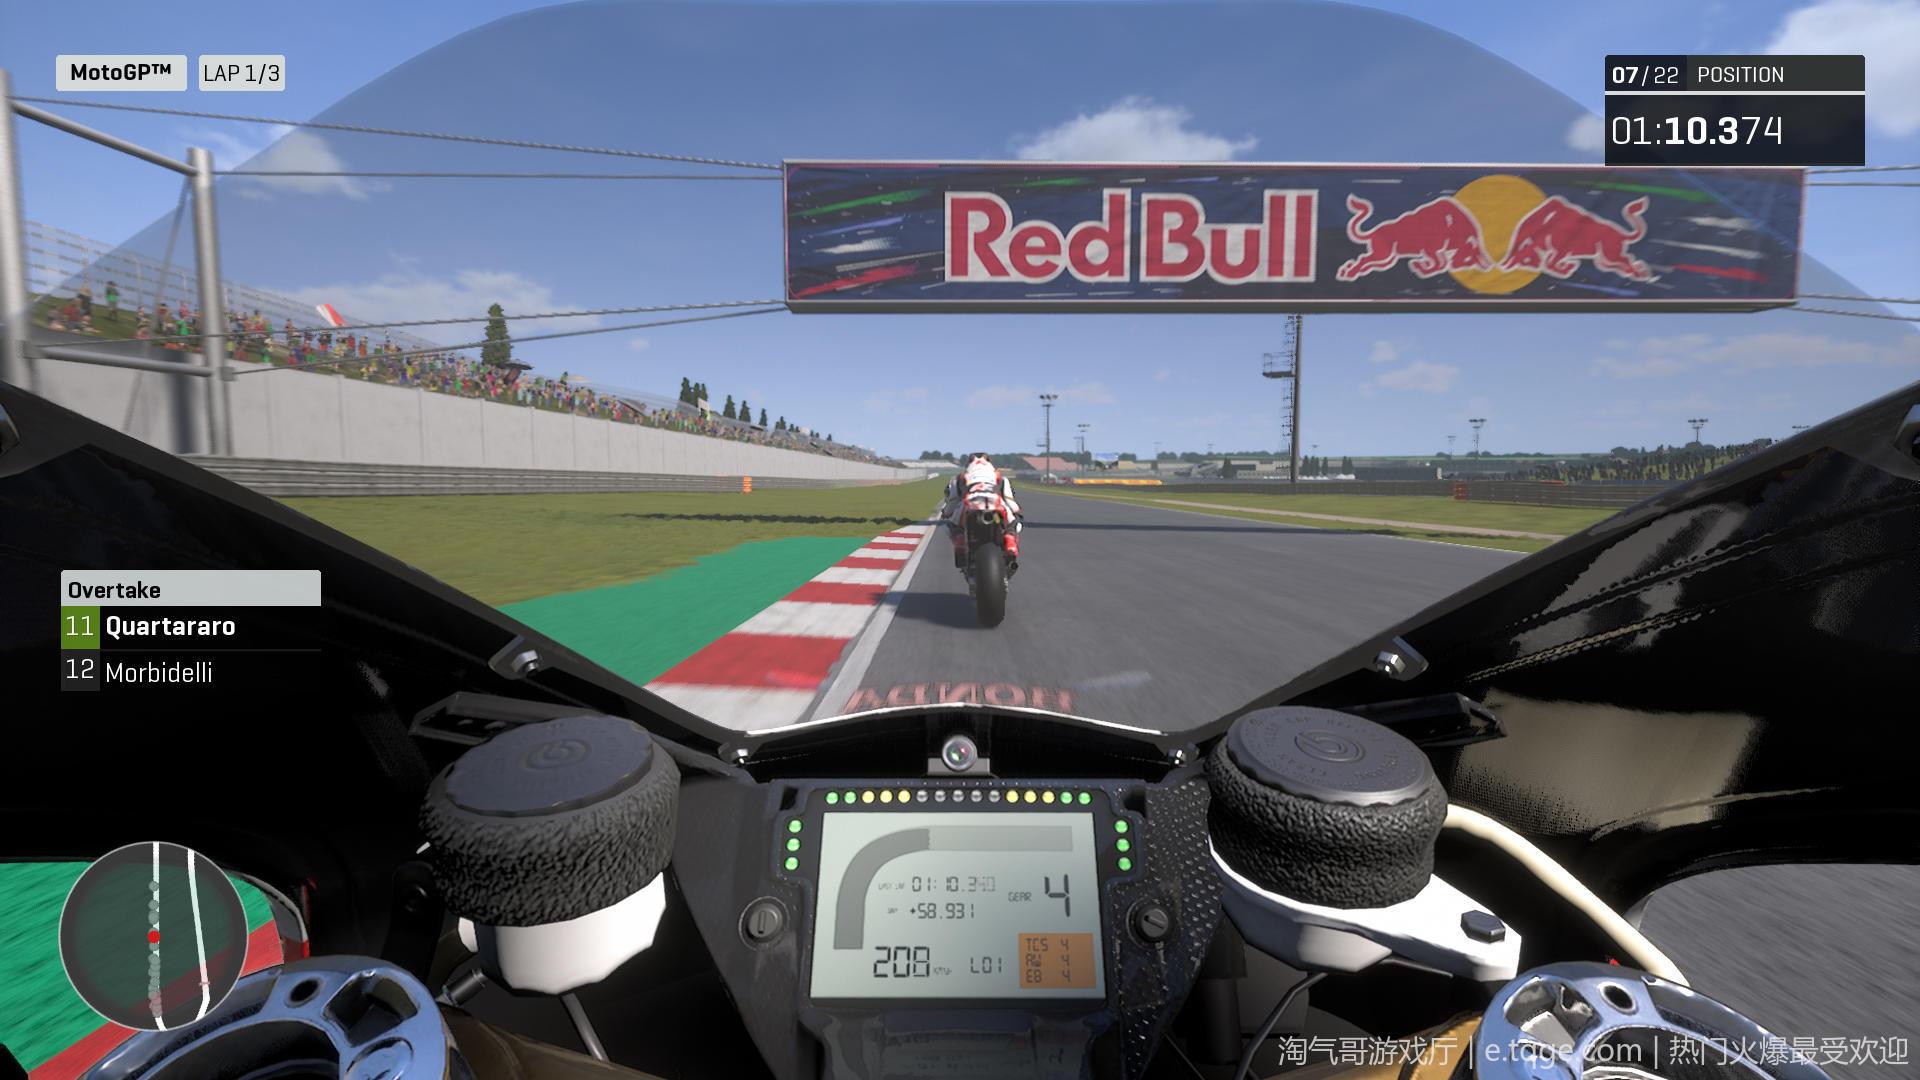 世界摩托大奖赛20/摩托GP20 热门游戏 第4张